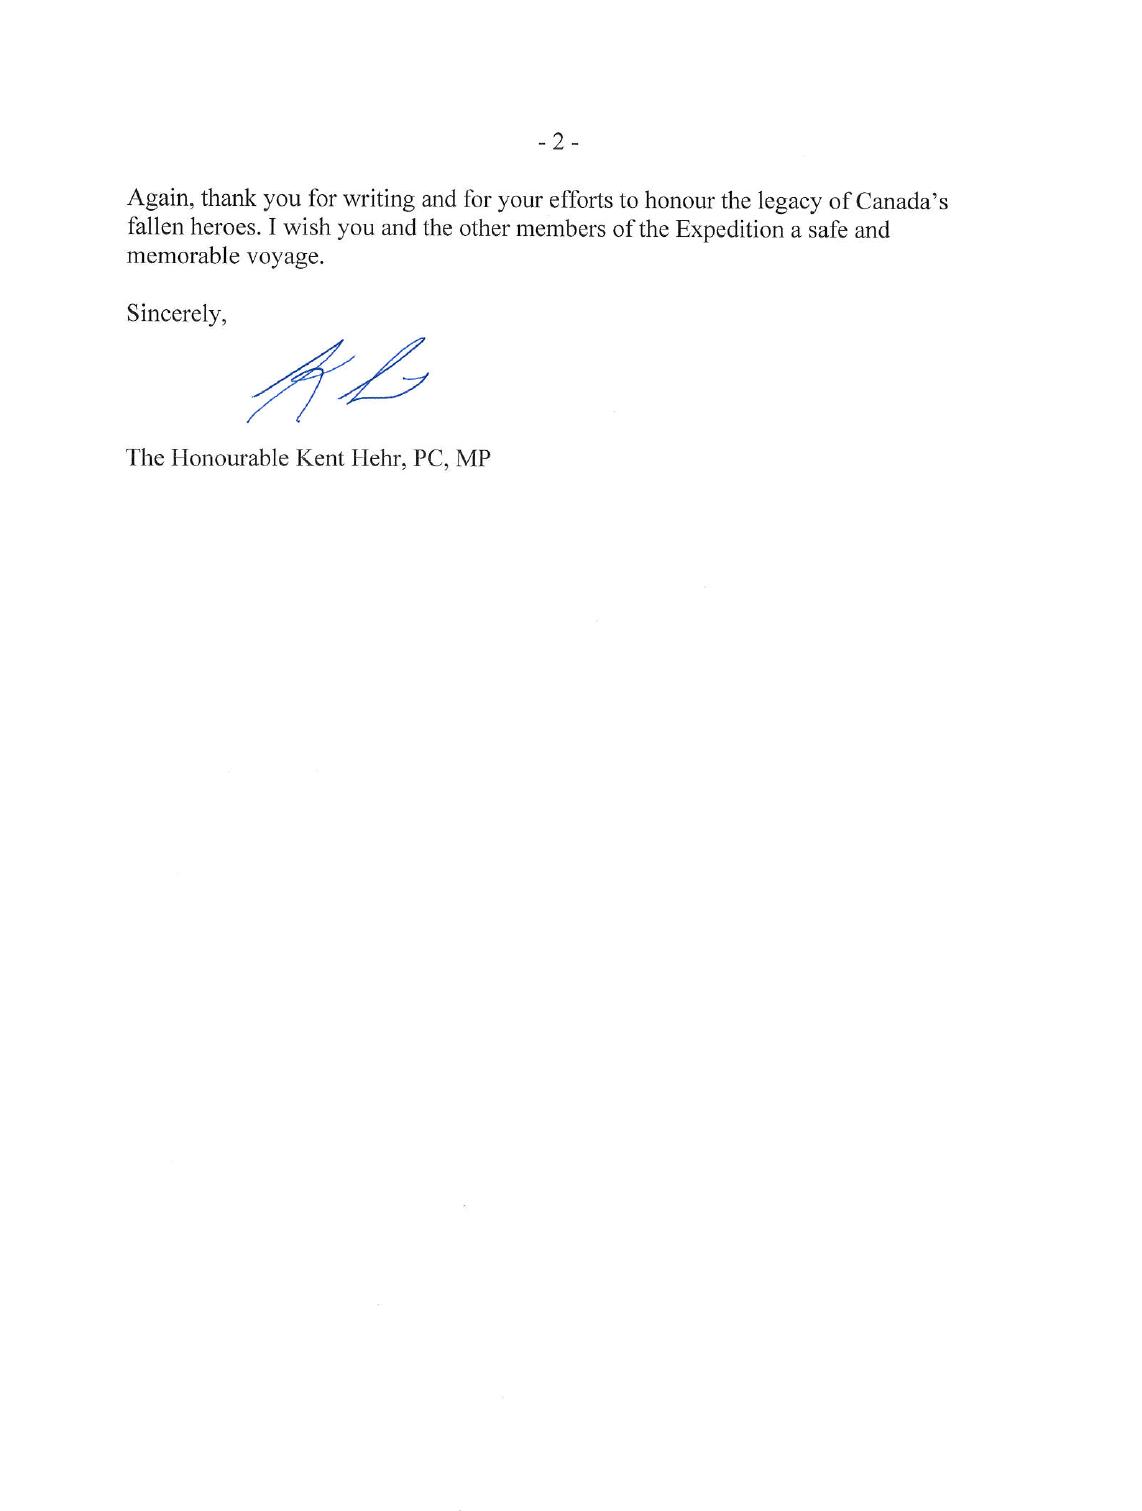 Letter Kent Hehr p2